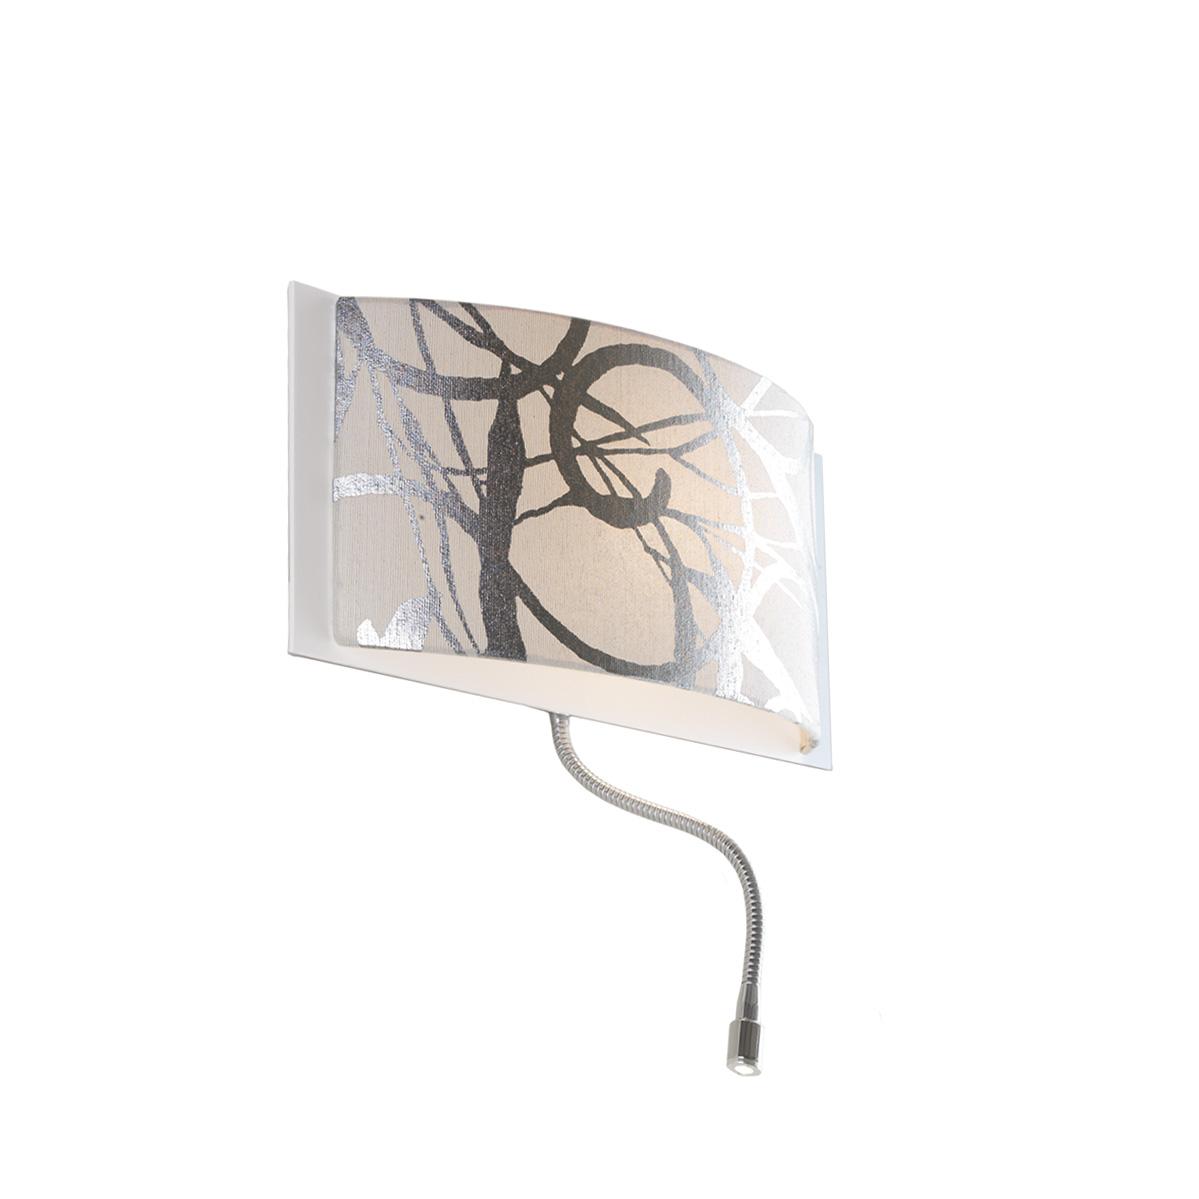 Υφασμάτινη απλίκα με σποτ LED DISK II fabric wall lamp with LED spot